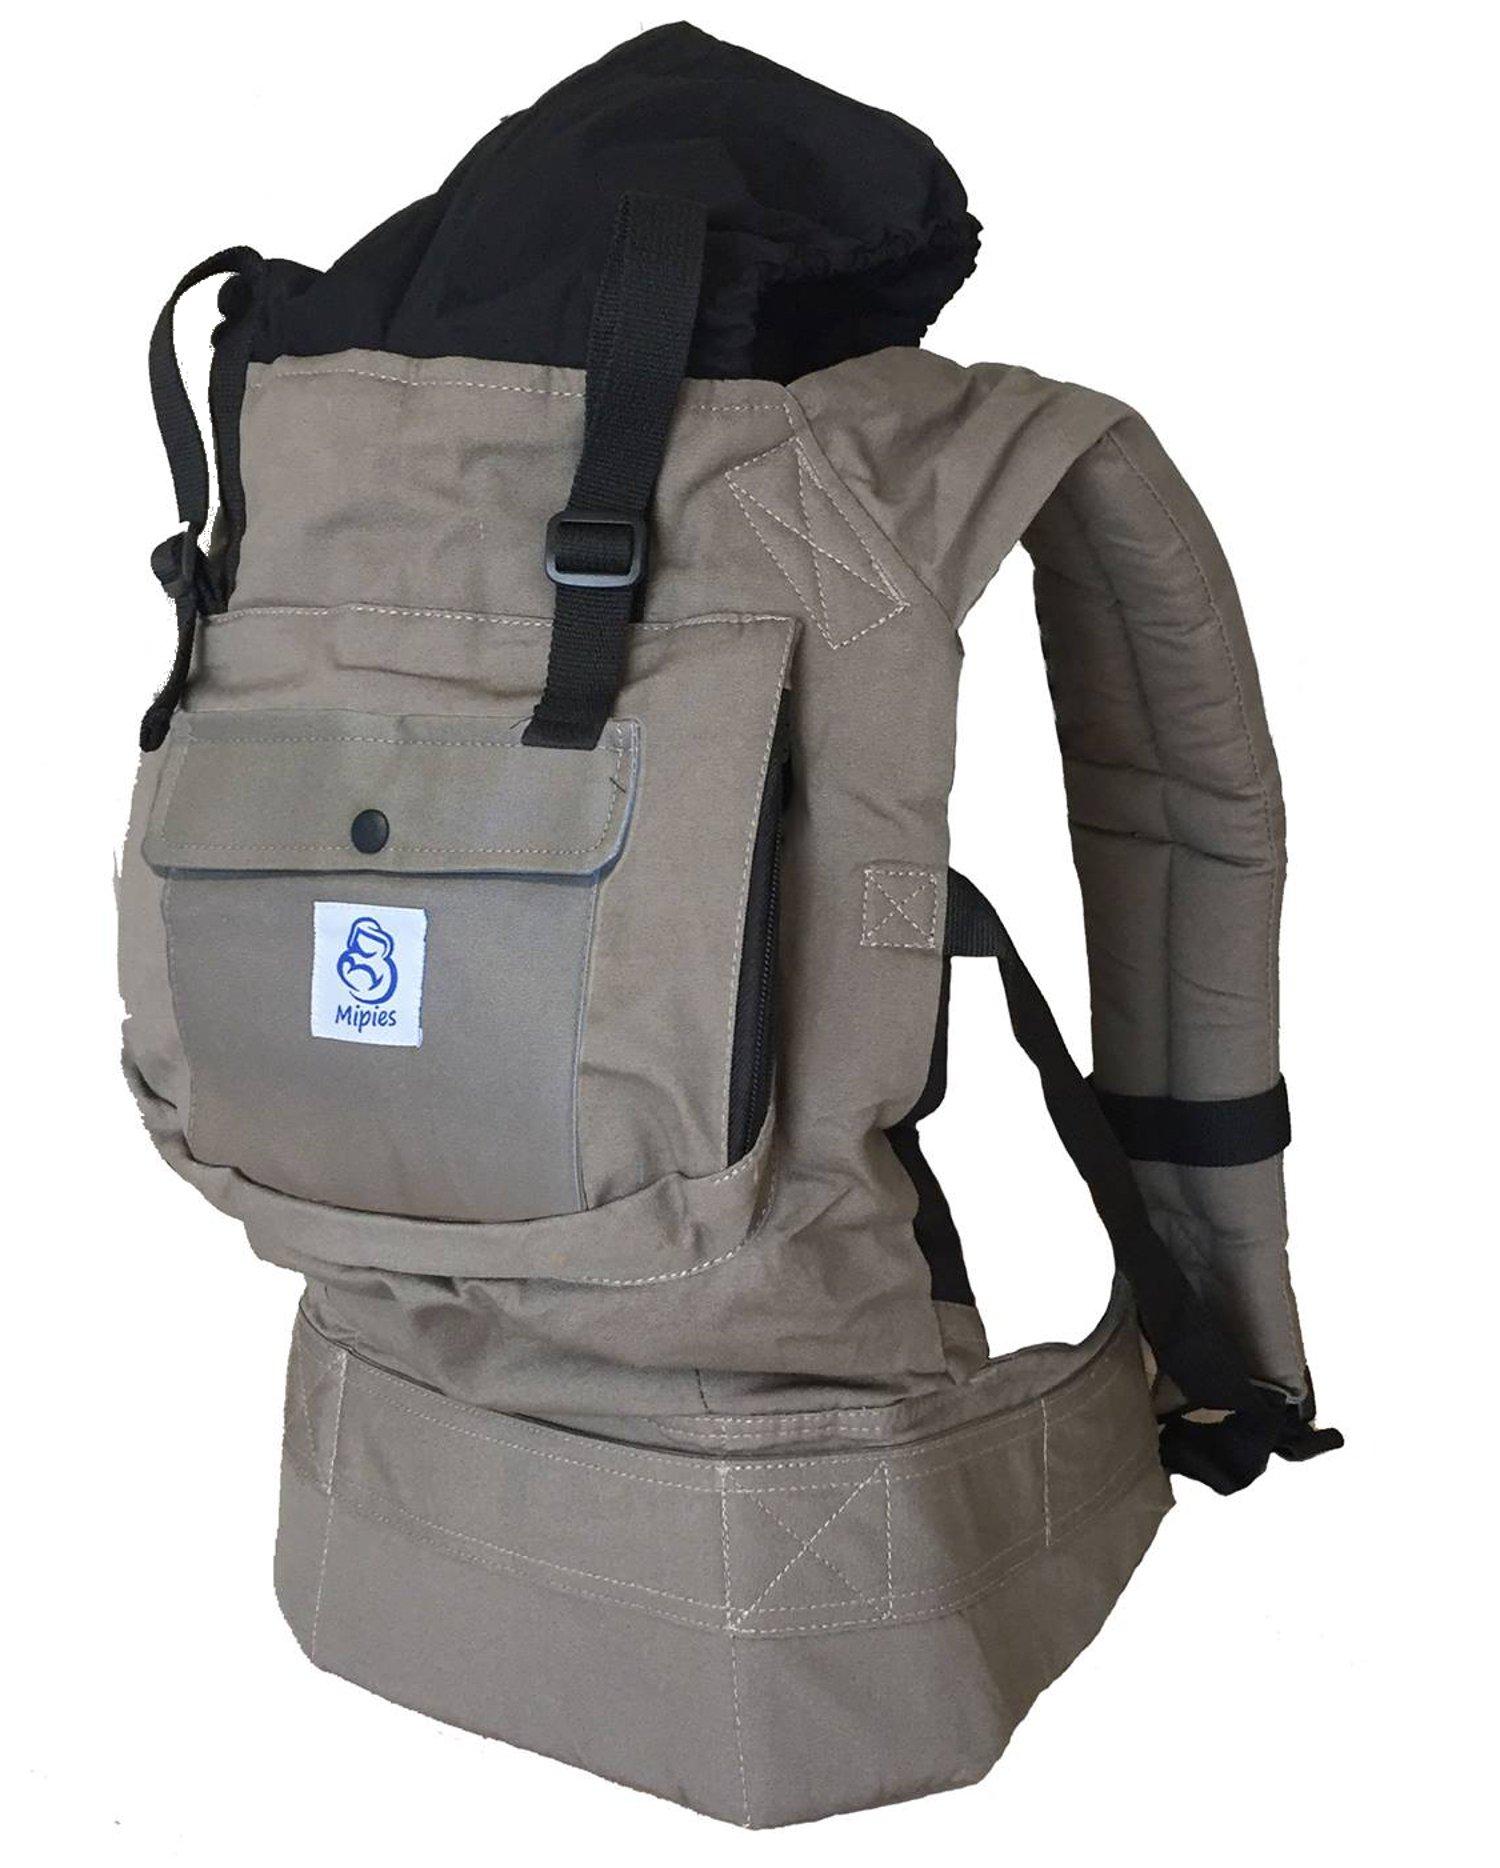 Porte-bébé pour porter votre bébé Mains libres - Porte bébé ergonomique Multiples  positions   143dfcf274c